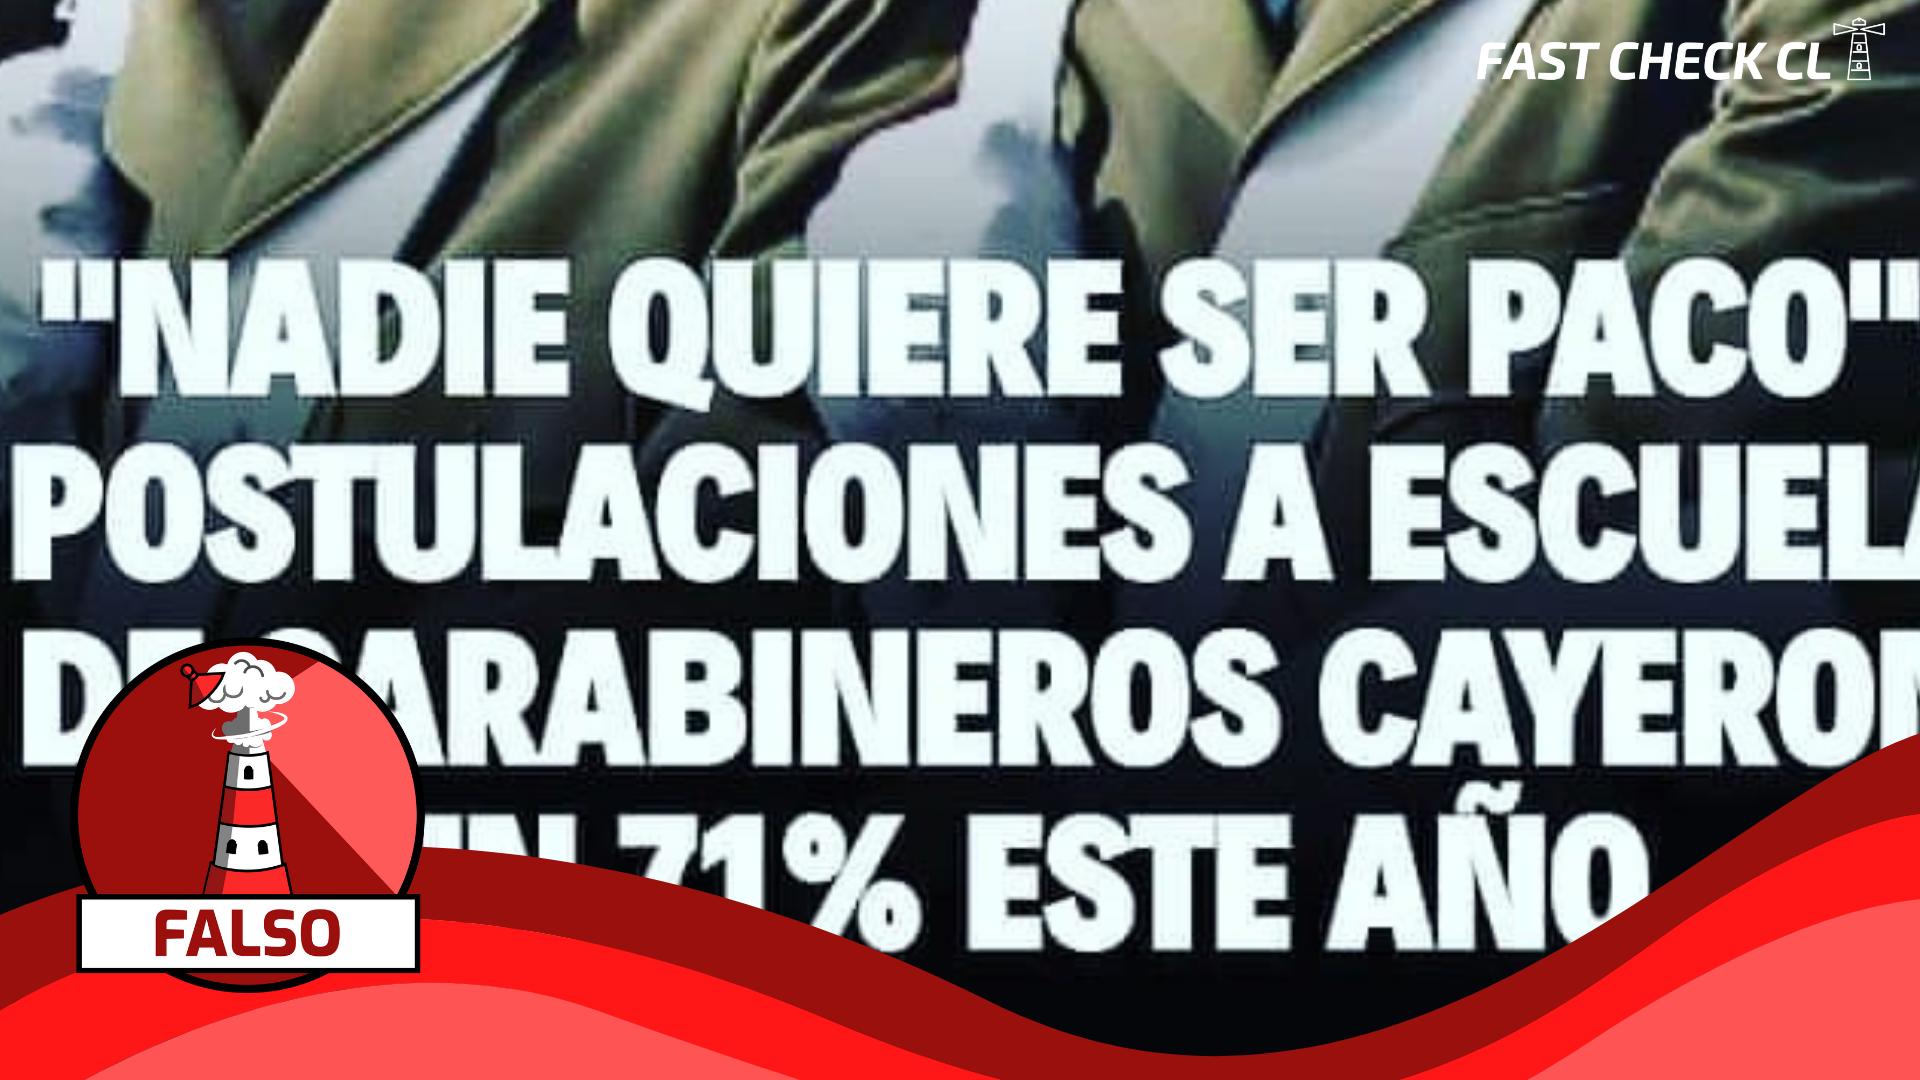 """Read more about the article (Imagen) """"Postulaciones a Escuela de Carabineros disminuyeron en un 71% este año"""": #Falso"""